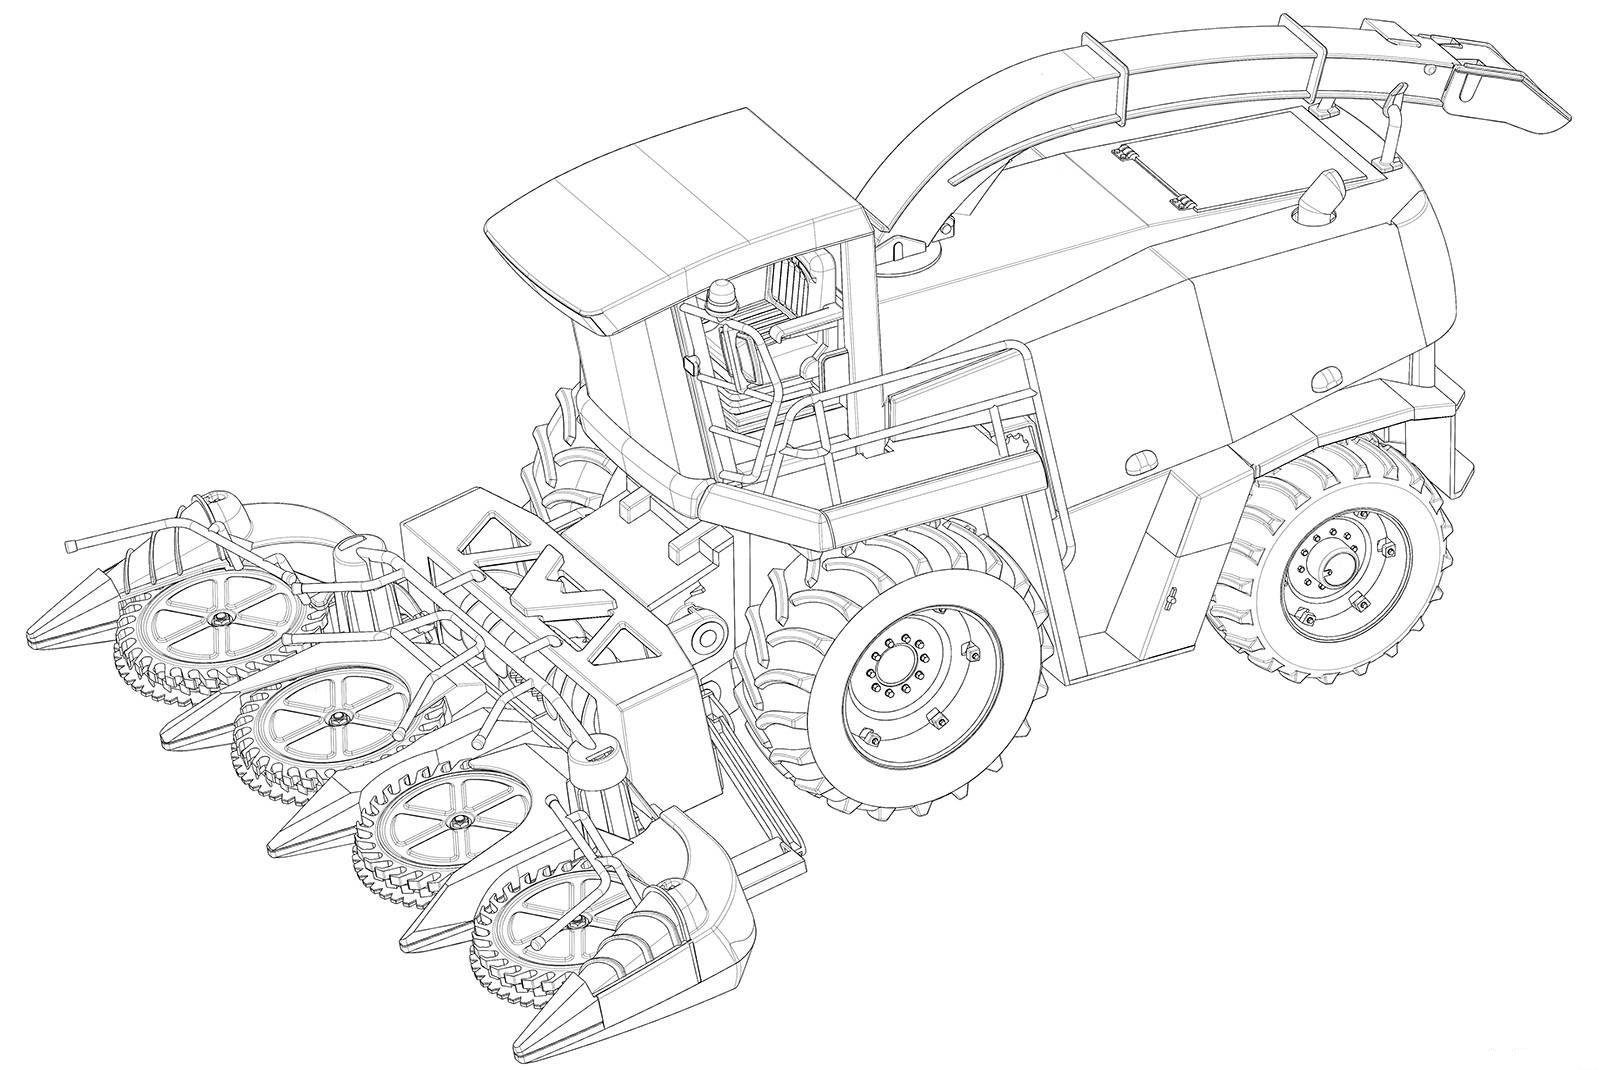 Dibujos Para Colorear De Tractores Y Cosechadoras 3 Cosecha Dibujos Para Colorear Dibujos